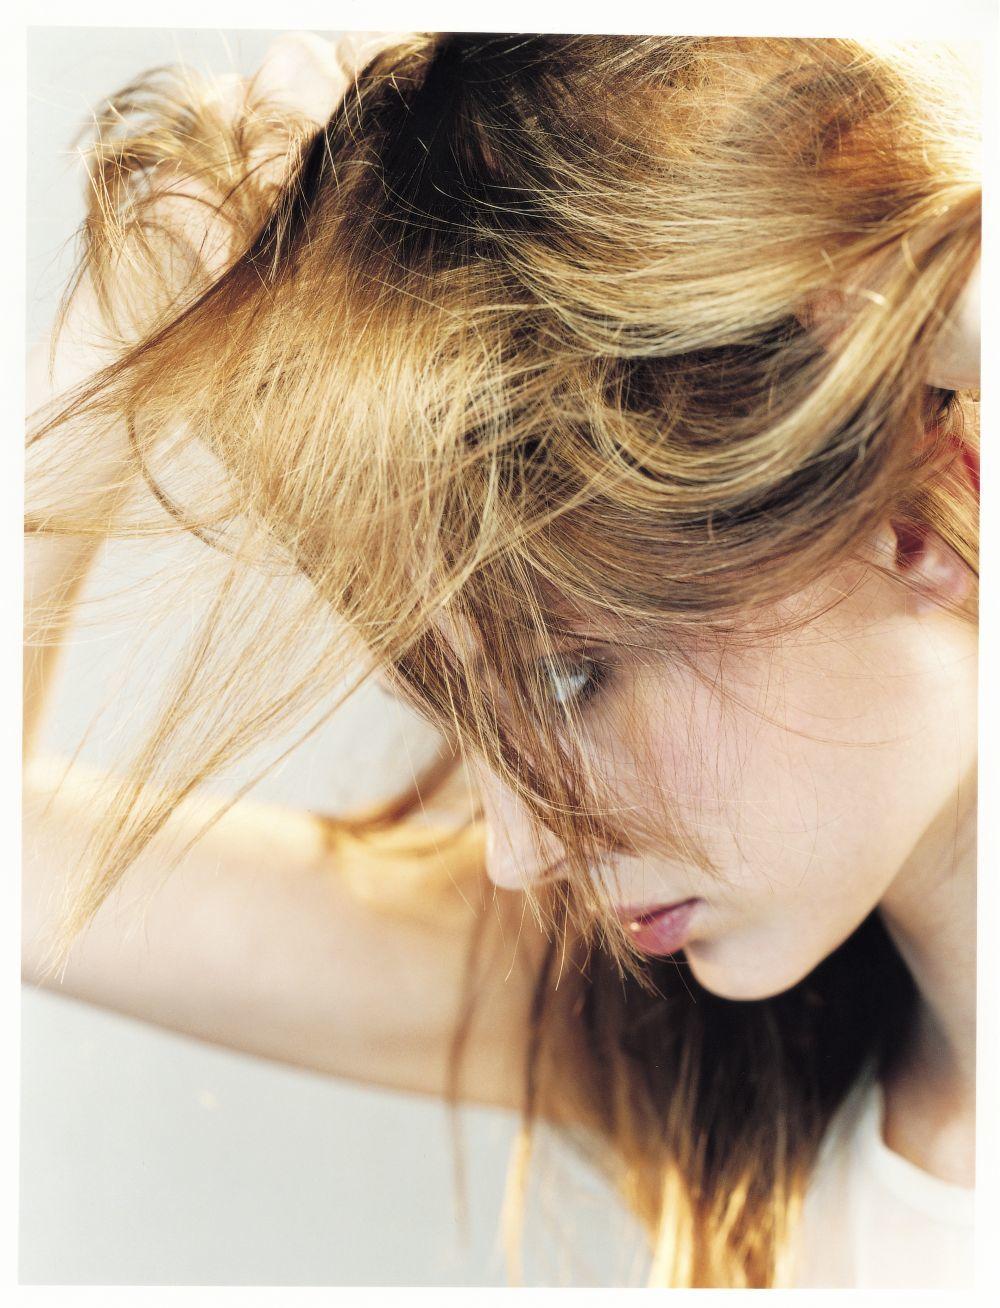 Los tratamientos que han demostrado mayor efectividad contra la alopecia son los fármacos antiandrógenos (dutasterida, finasterida) que se usan vía oral, en forma de microinyecciones o vía tópica, el minoxidil tópico o de forma más reciente en pastillas a dosis bajas, el láser de baja potencia, el plasma rico en plaquetas y microneedling.